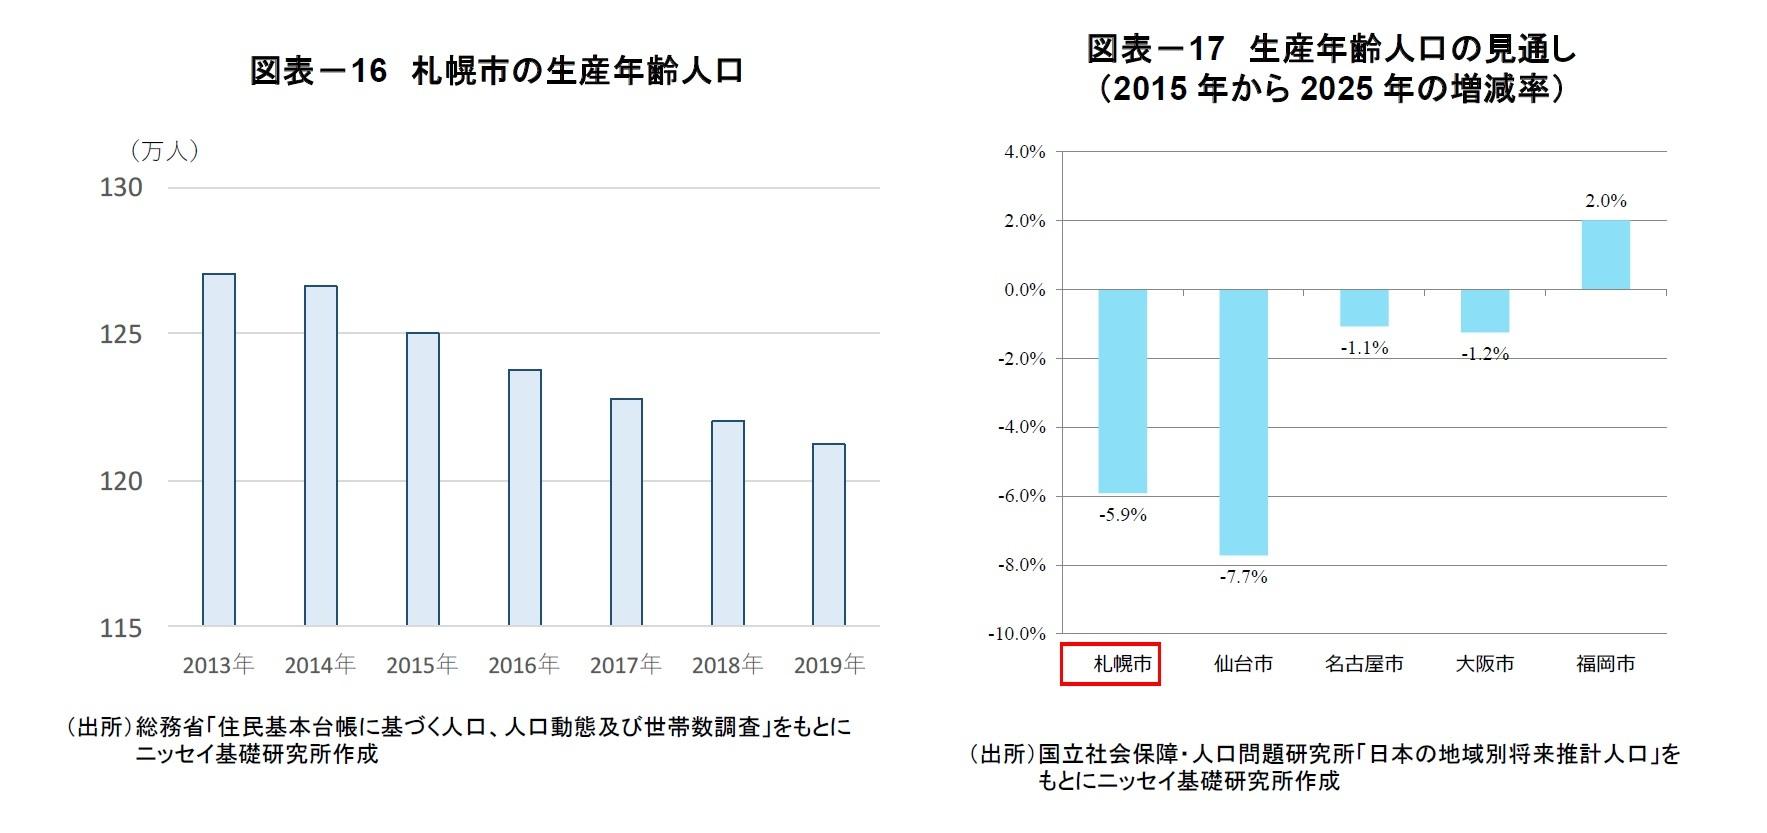 図表-16 札幌市の生産年齢人口/図表-17 生産年齢人口の見通し(2015年から2025年の増減率)